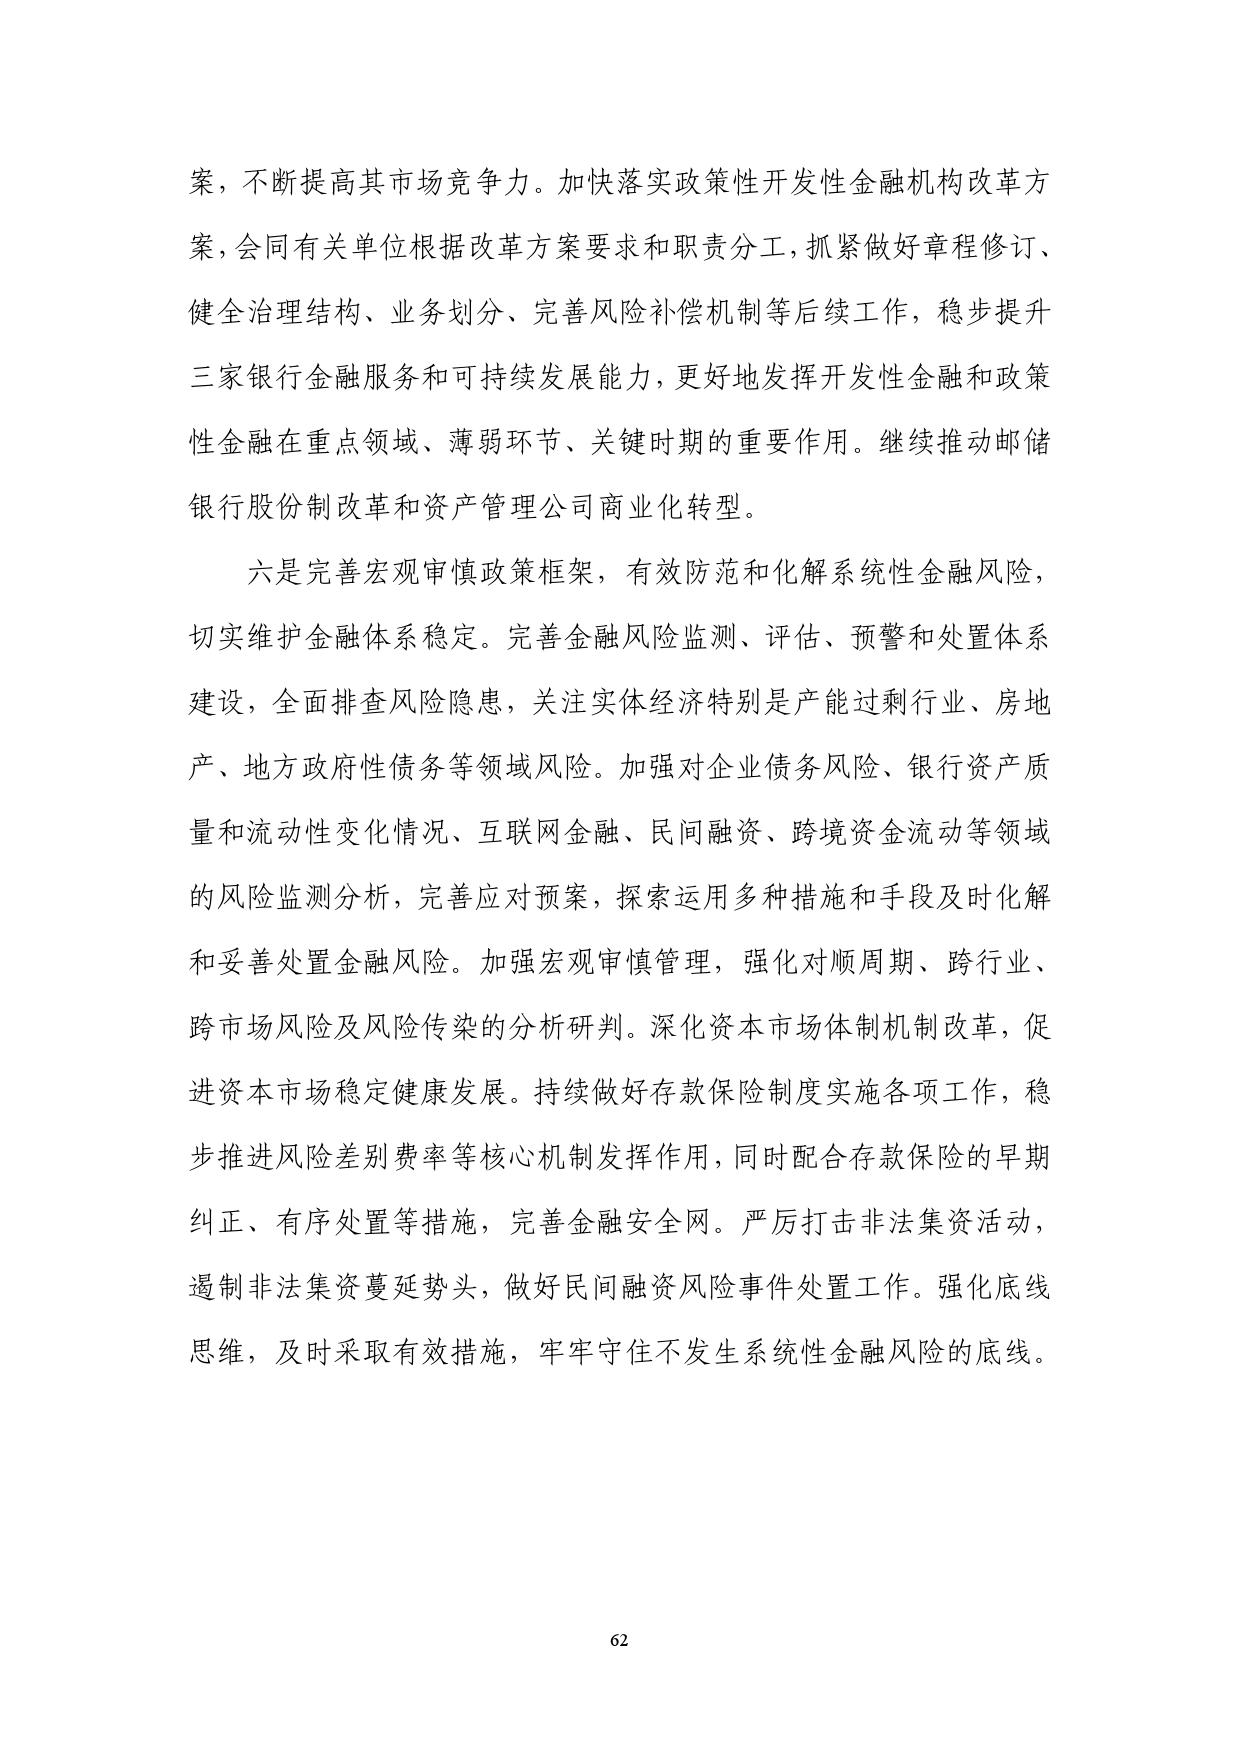 2016年Q2中国货币政策执行报告_000068